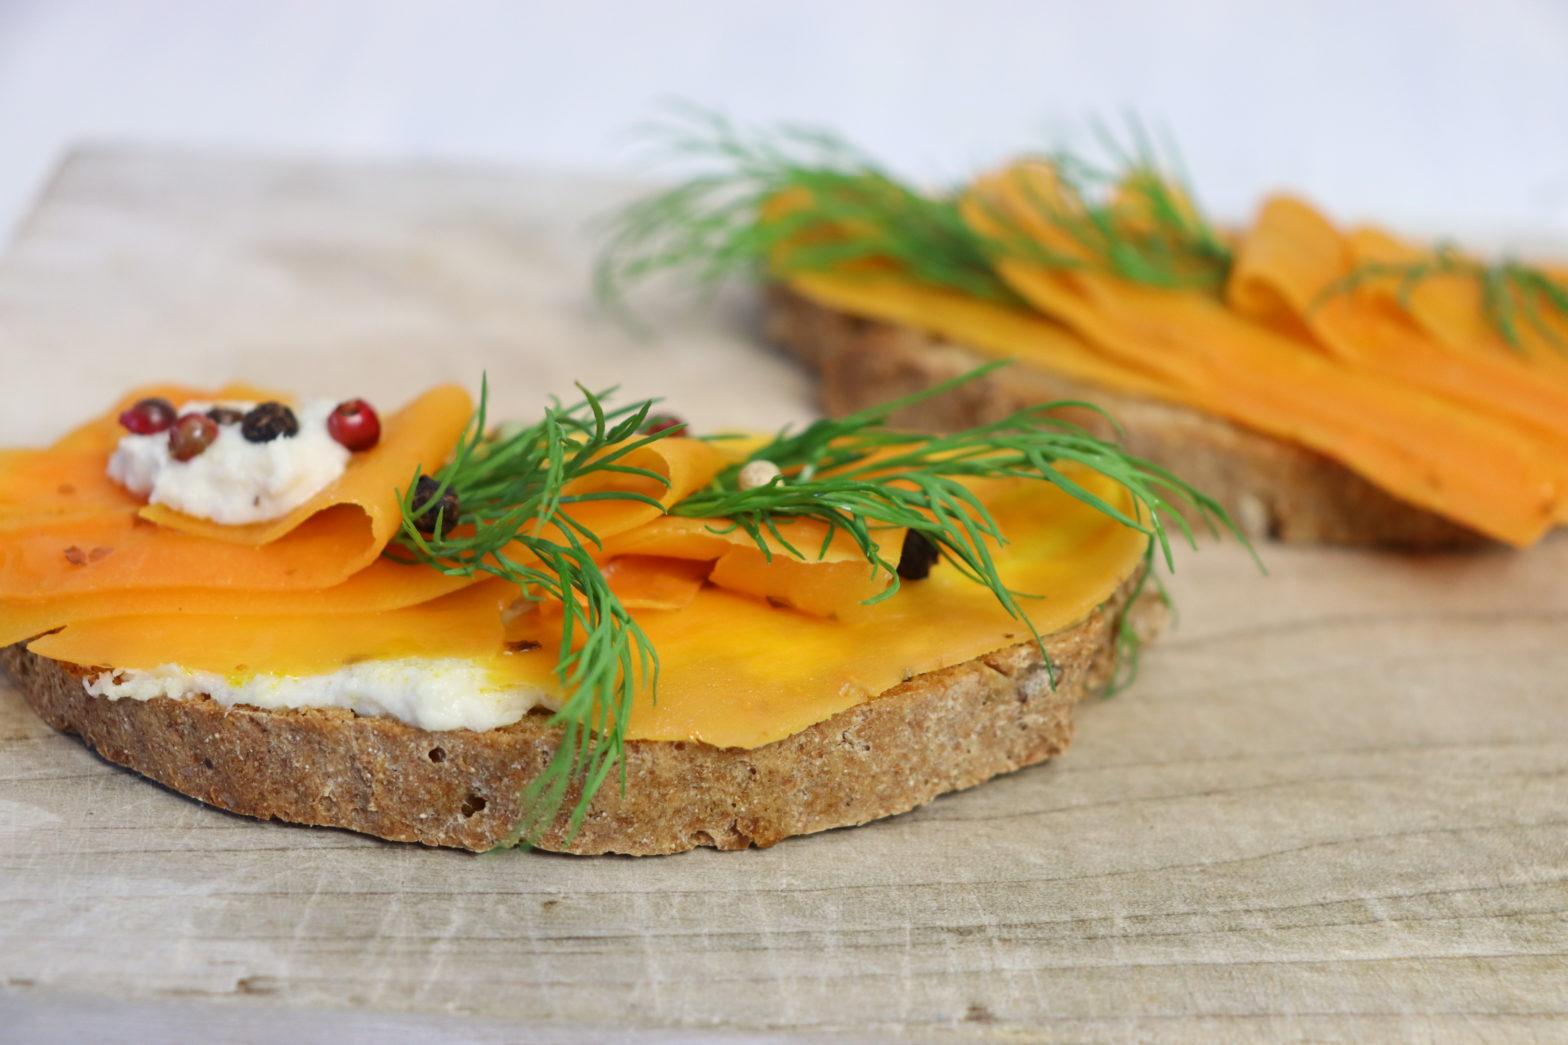 vegane Lachs auf frische Brotscheiben